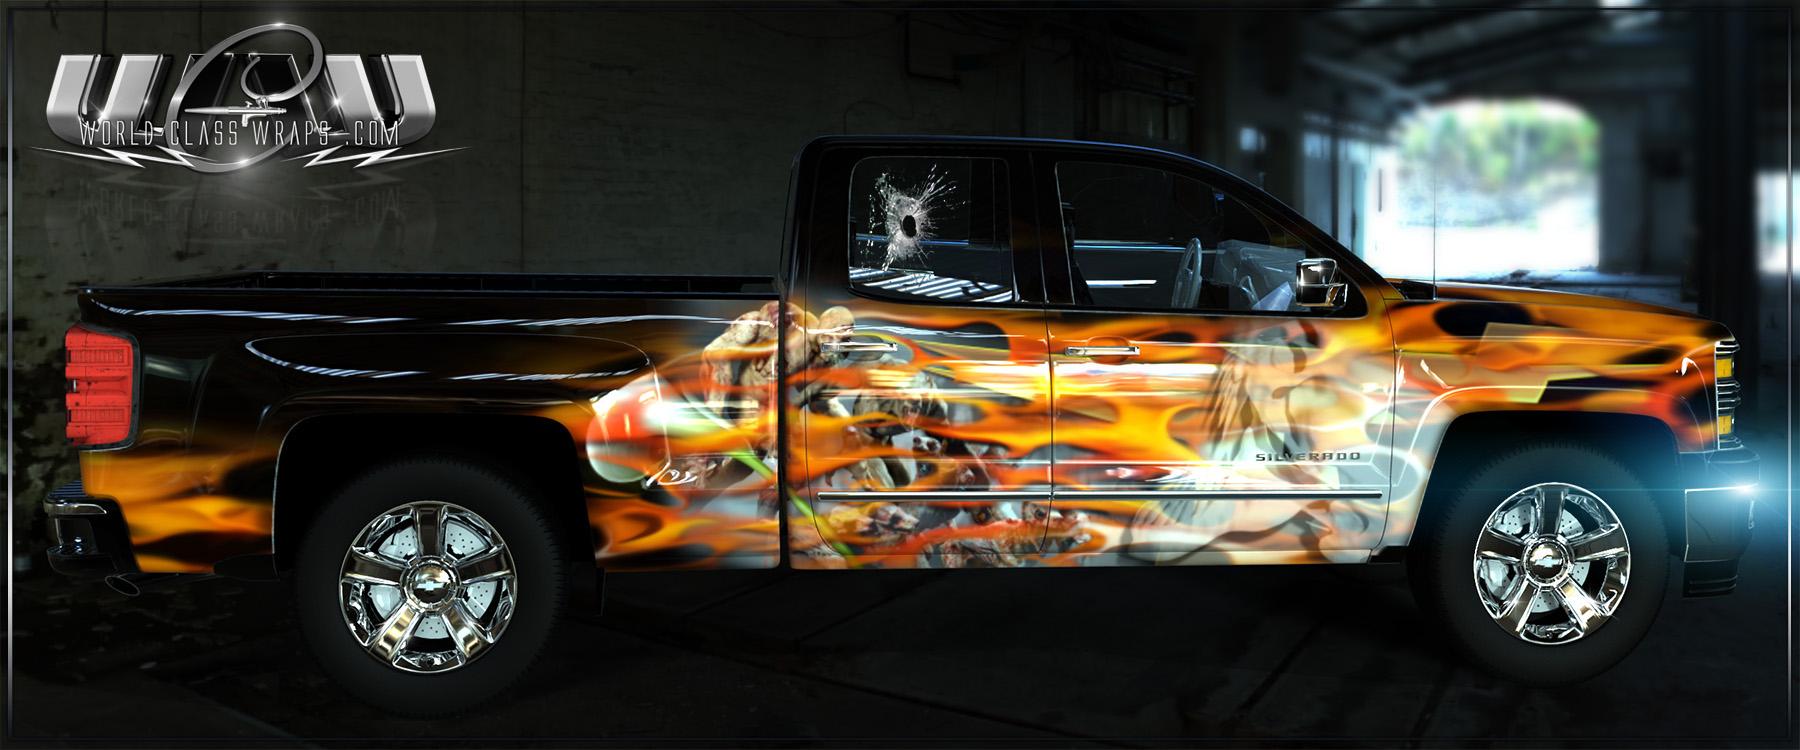 Truck Body Wrap